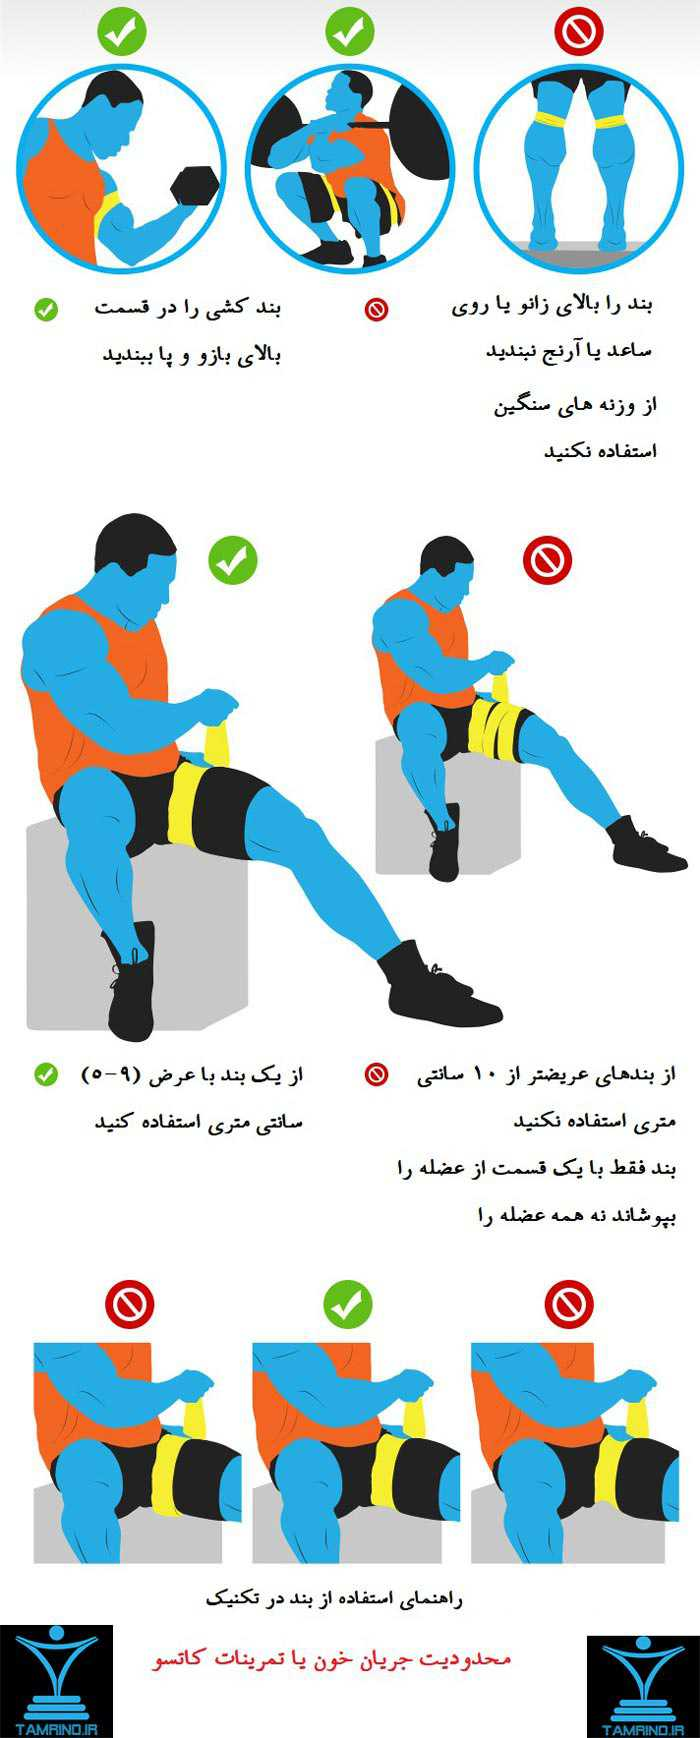 شیوه اجرای تمرینات با محدودیت جریان خون یا تمرینات کاتسو